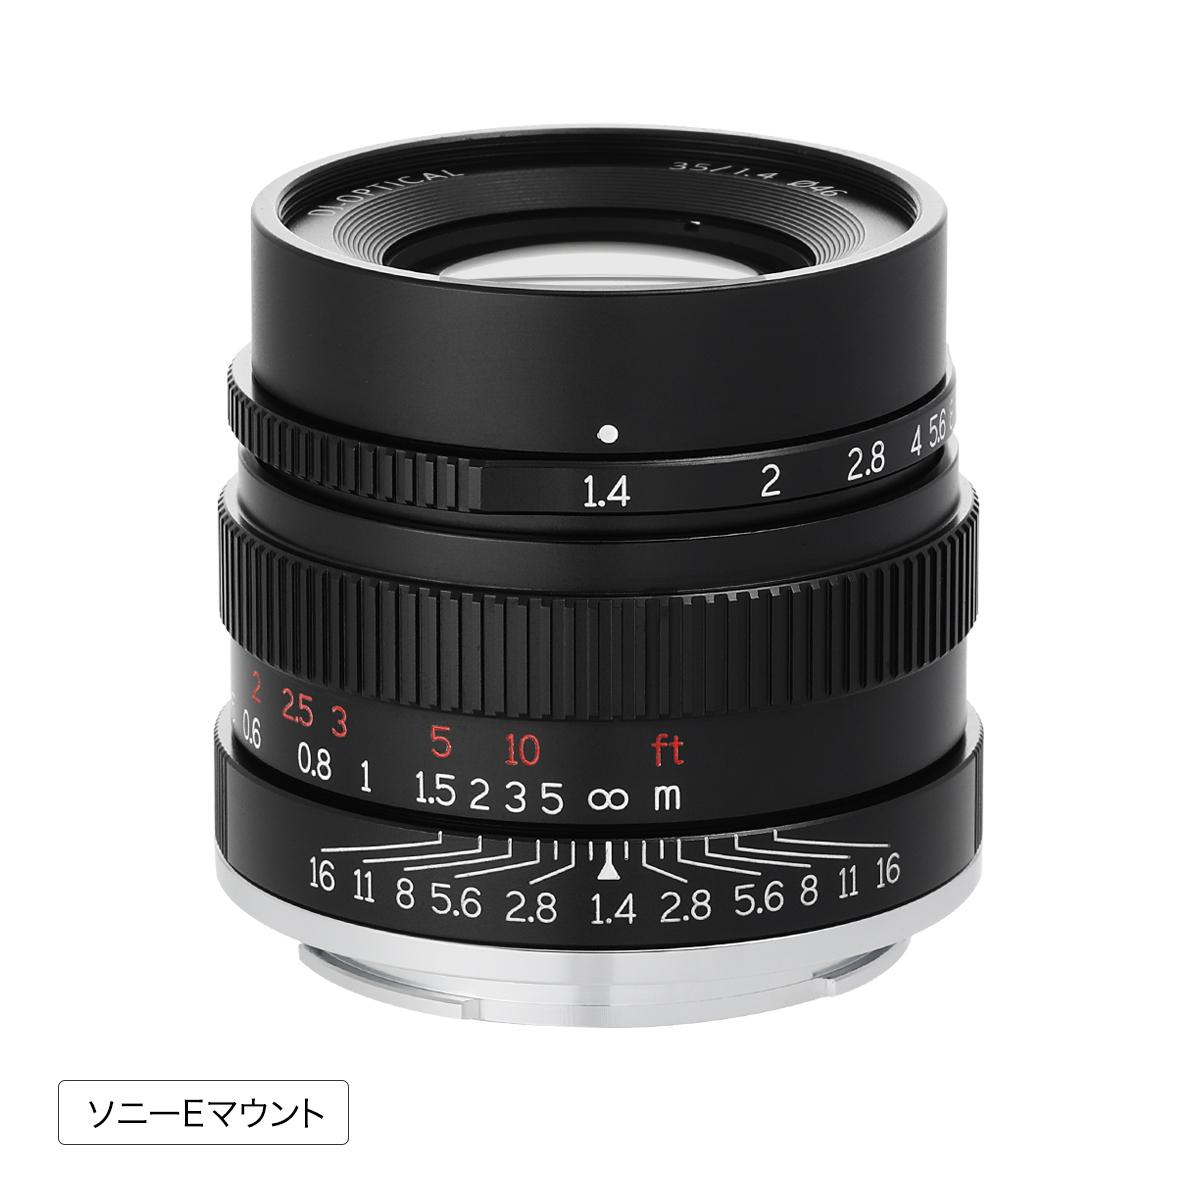 七工匠 7Artisans 35mm F1.4 単焦点レンズ ブラック